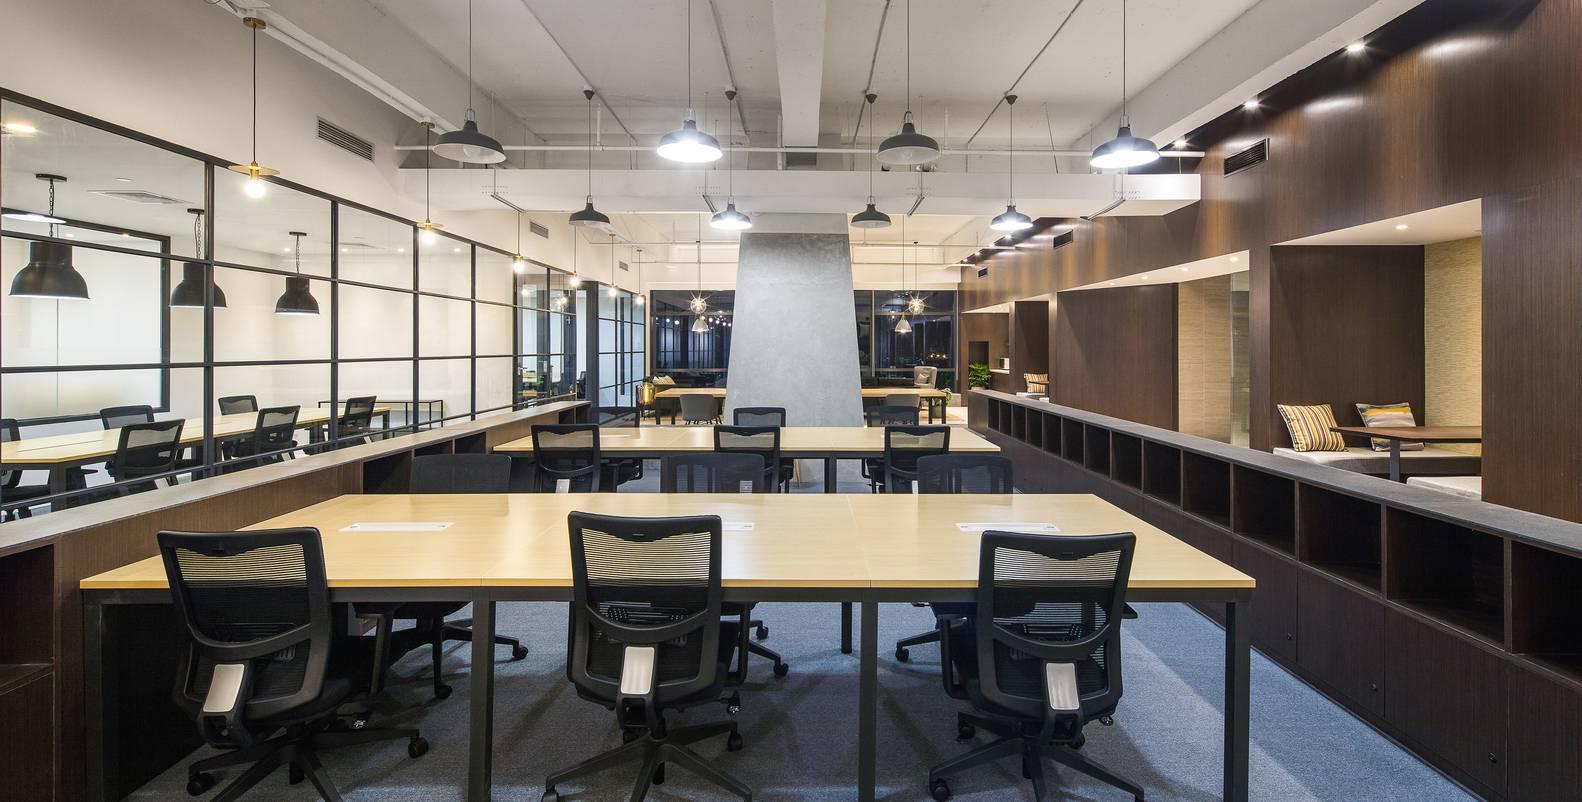 办公室装修6大风格介绍